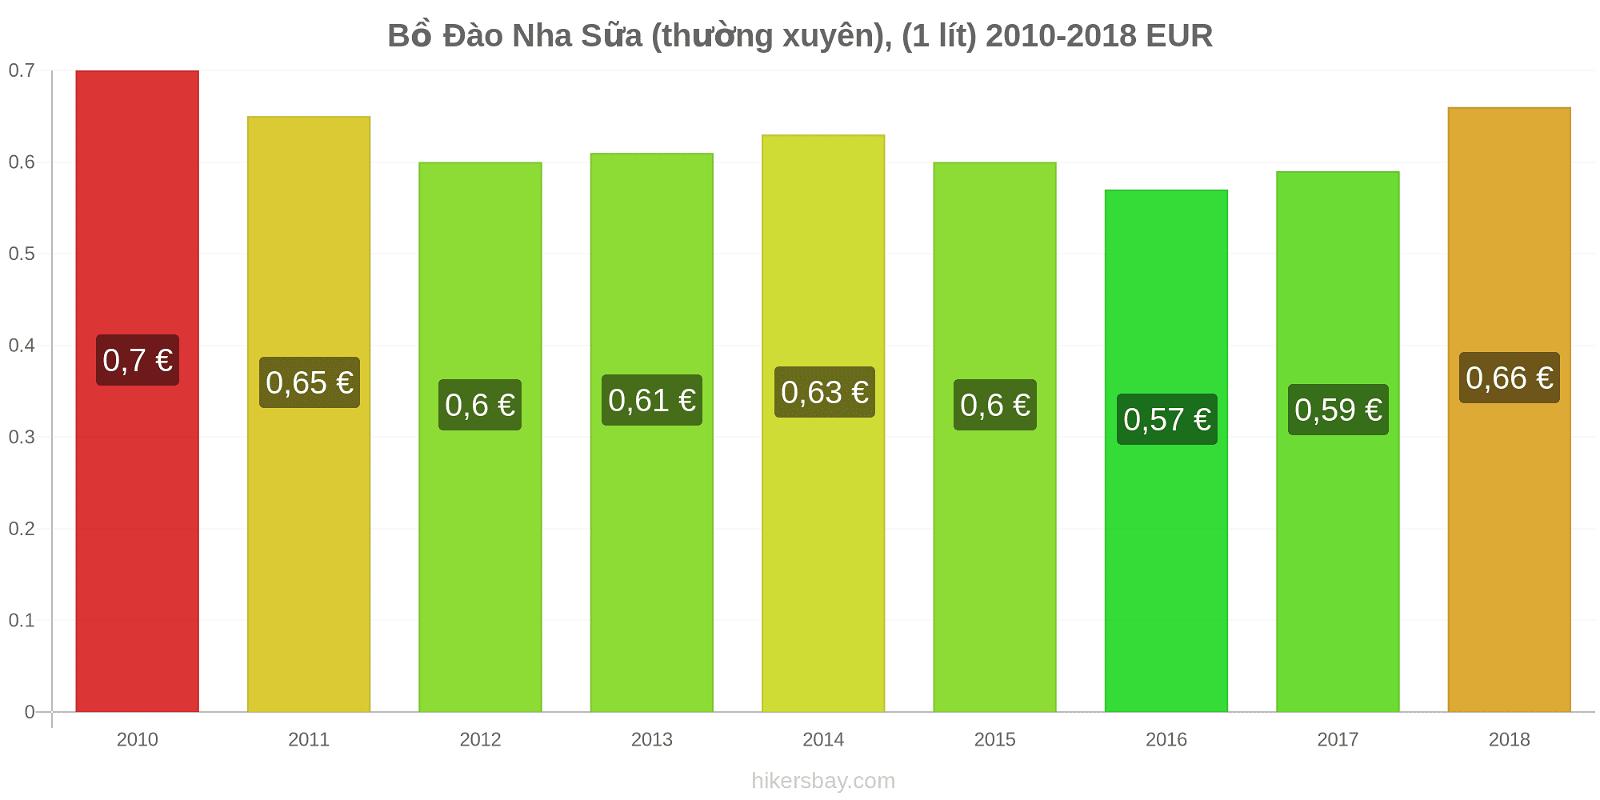 Bồ Đào Nha thay đổi giá Sữa (thường xuyên), (1 lít) hikersbay.com